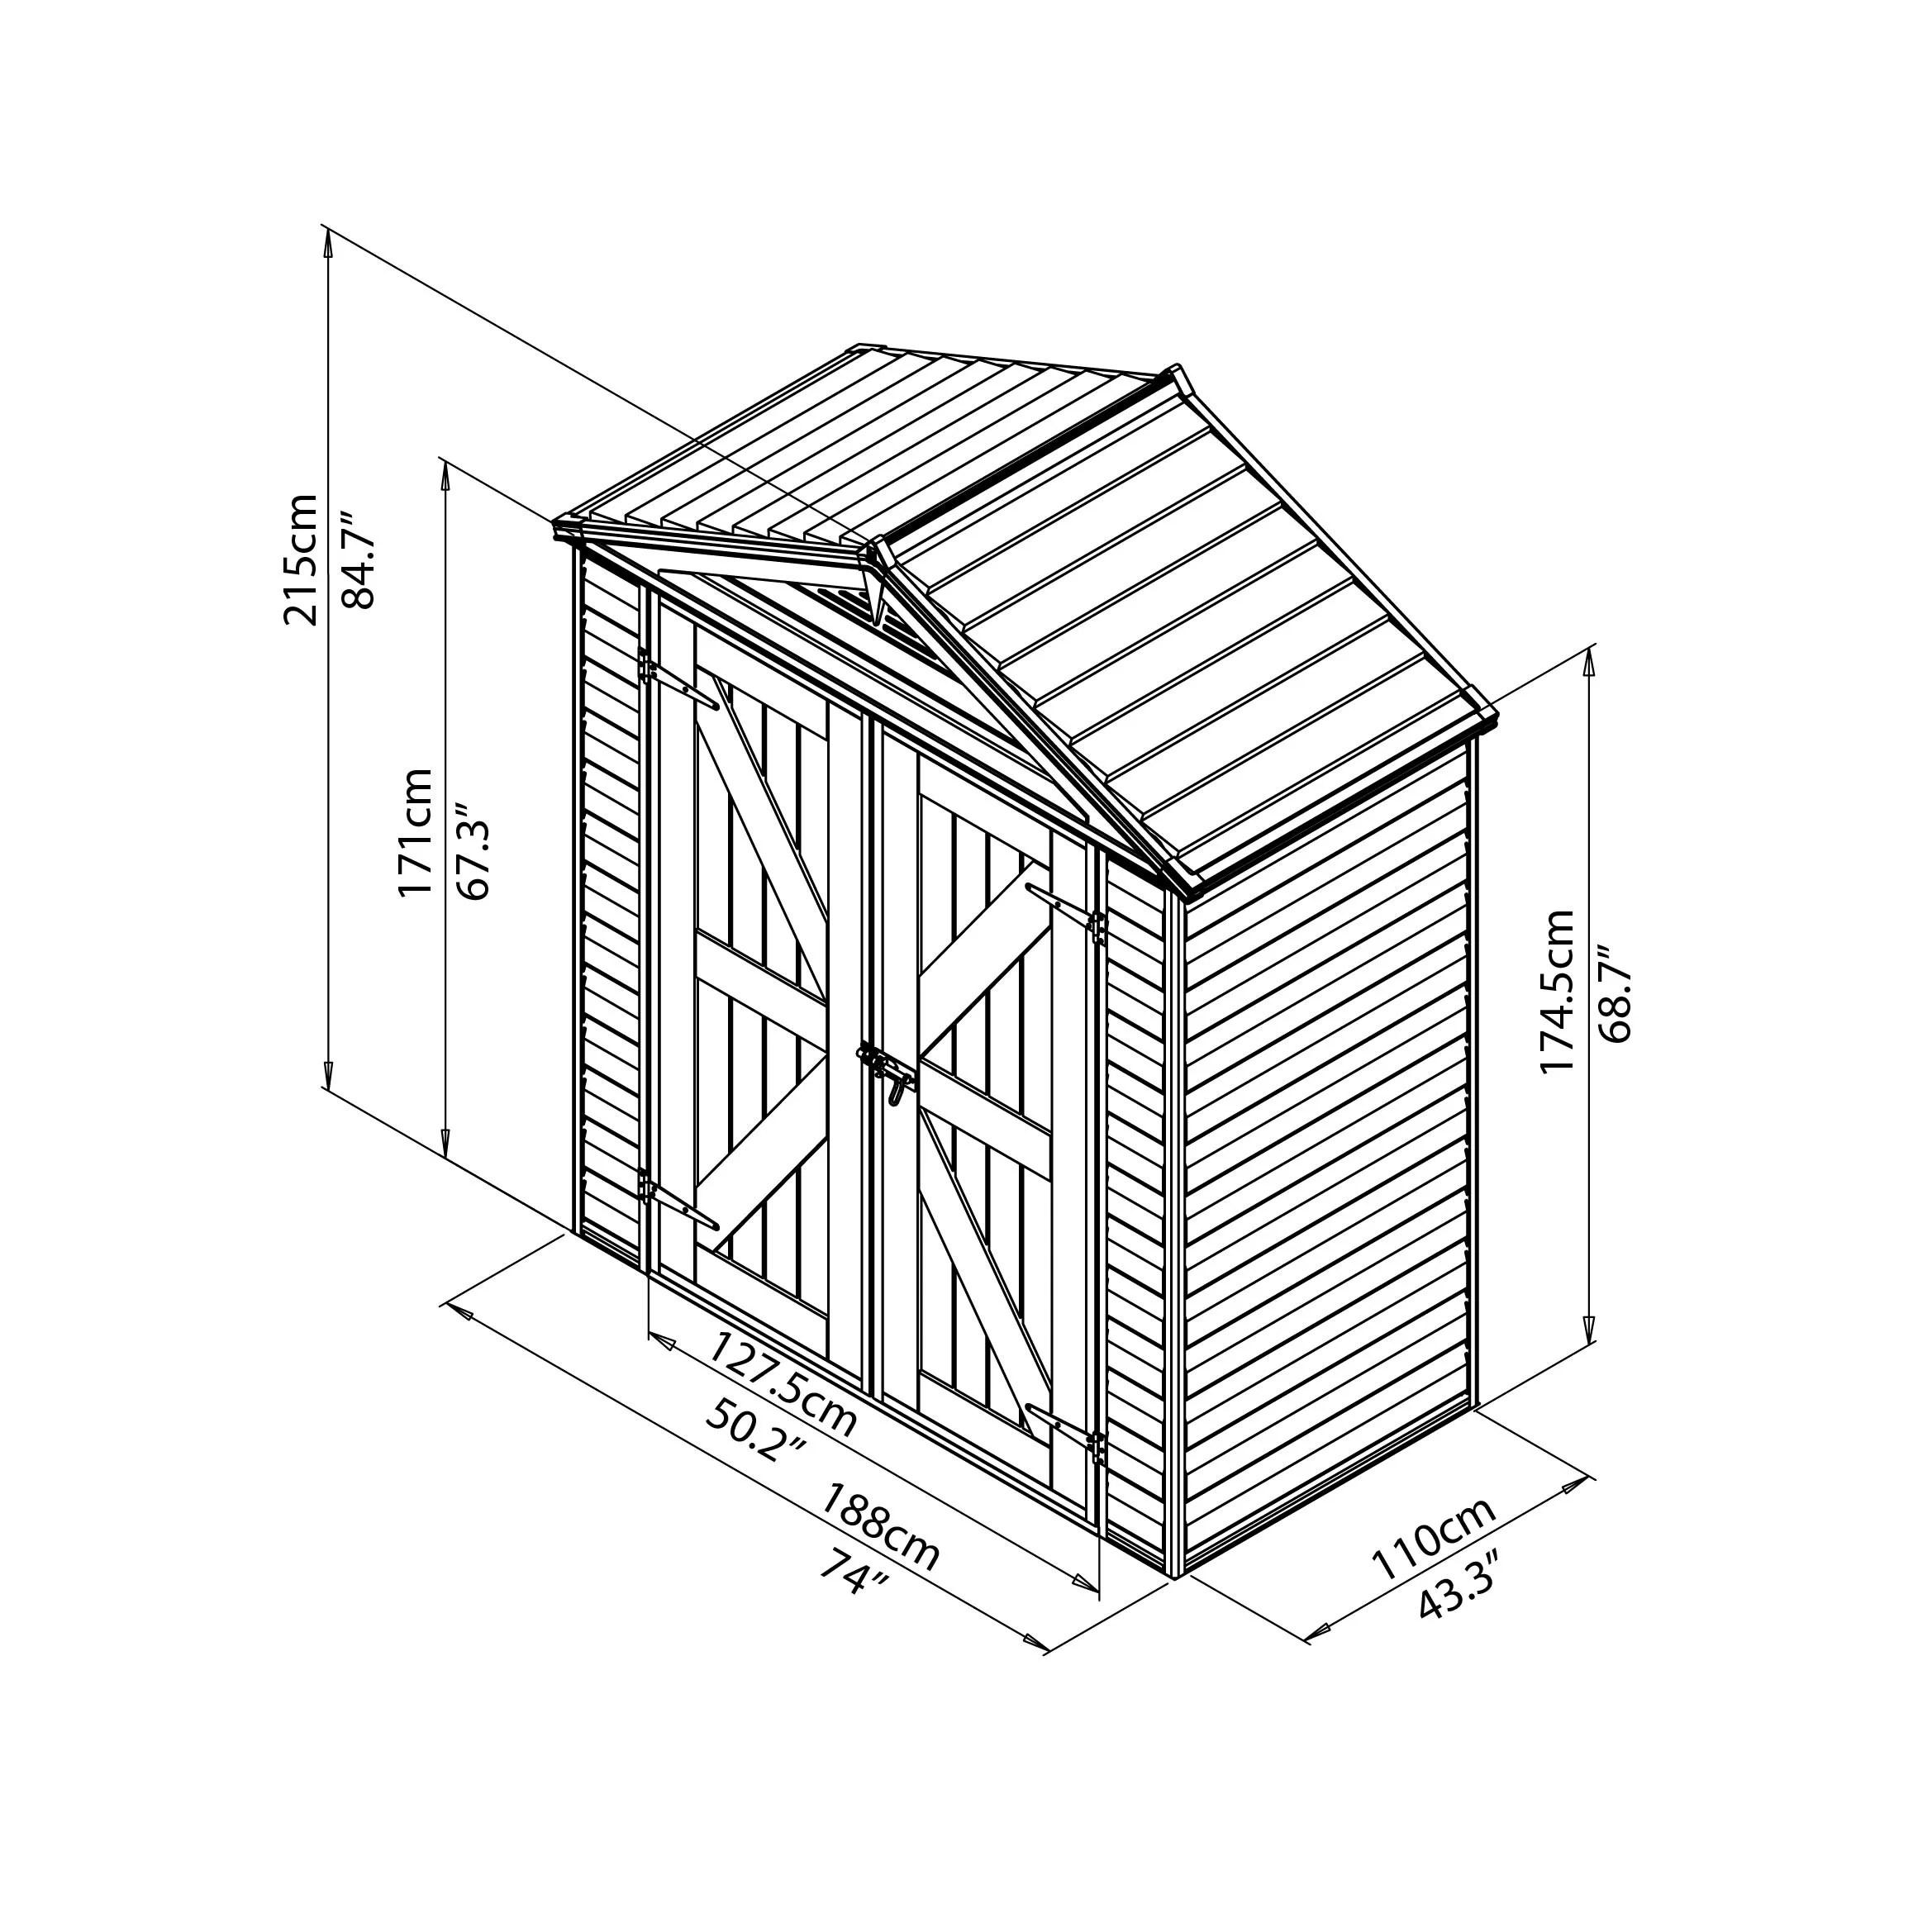 Palram Skylight 6 Ft W X 3 Ft D Polycarbonate Storage